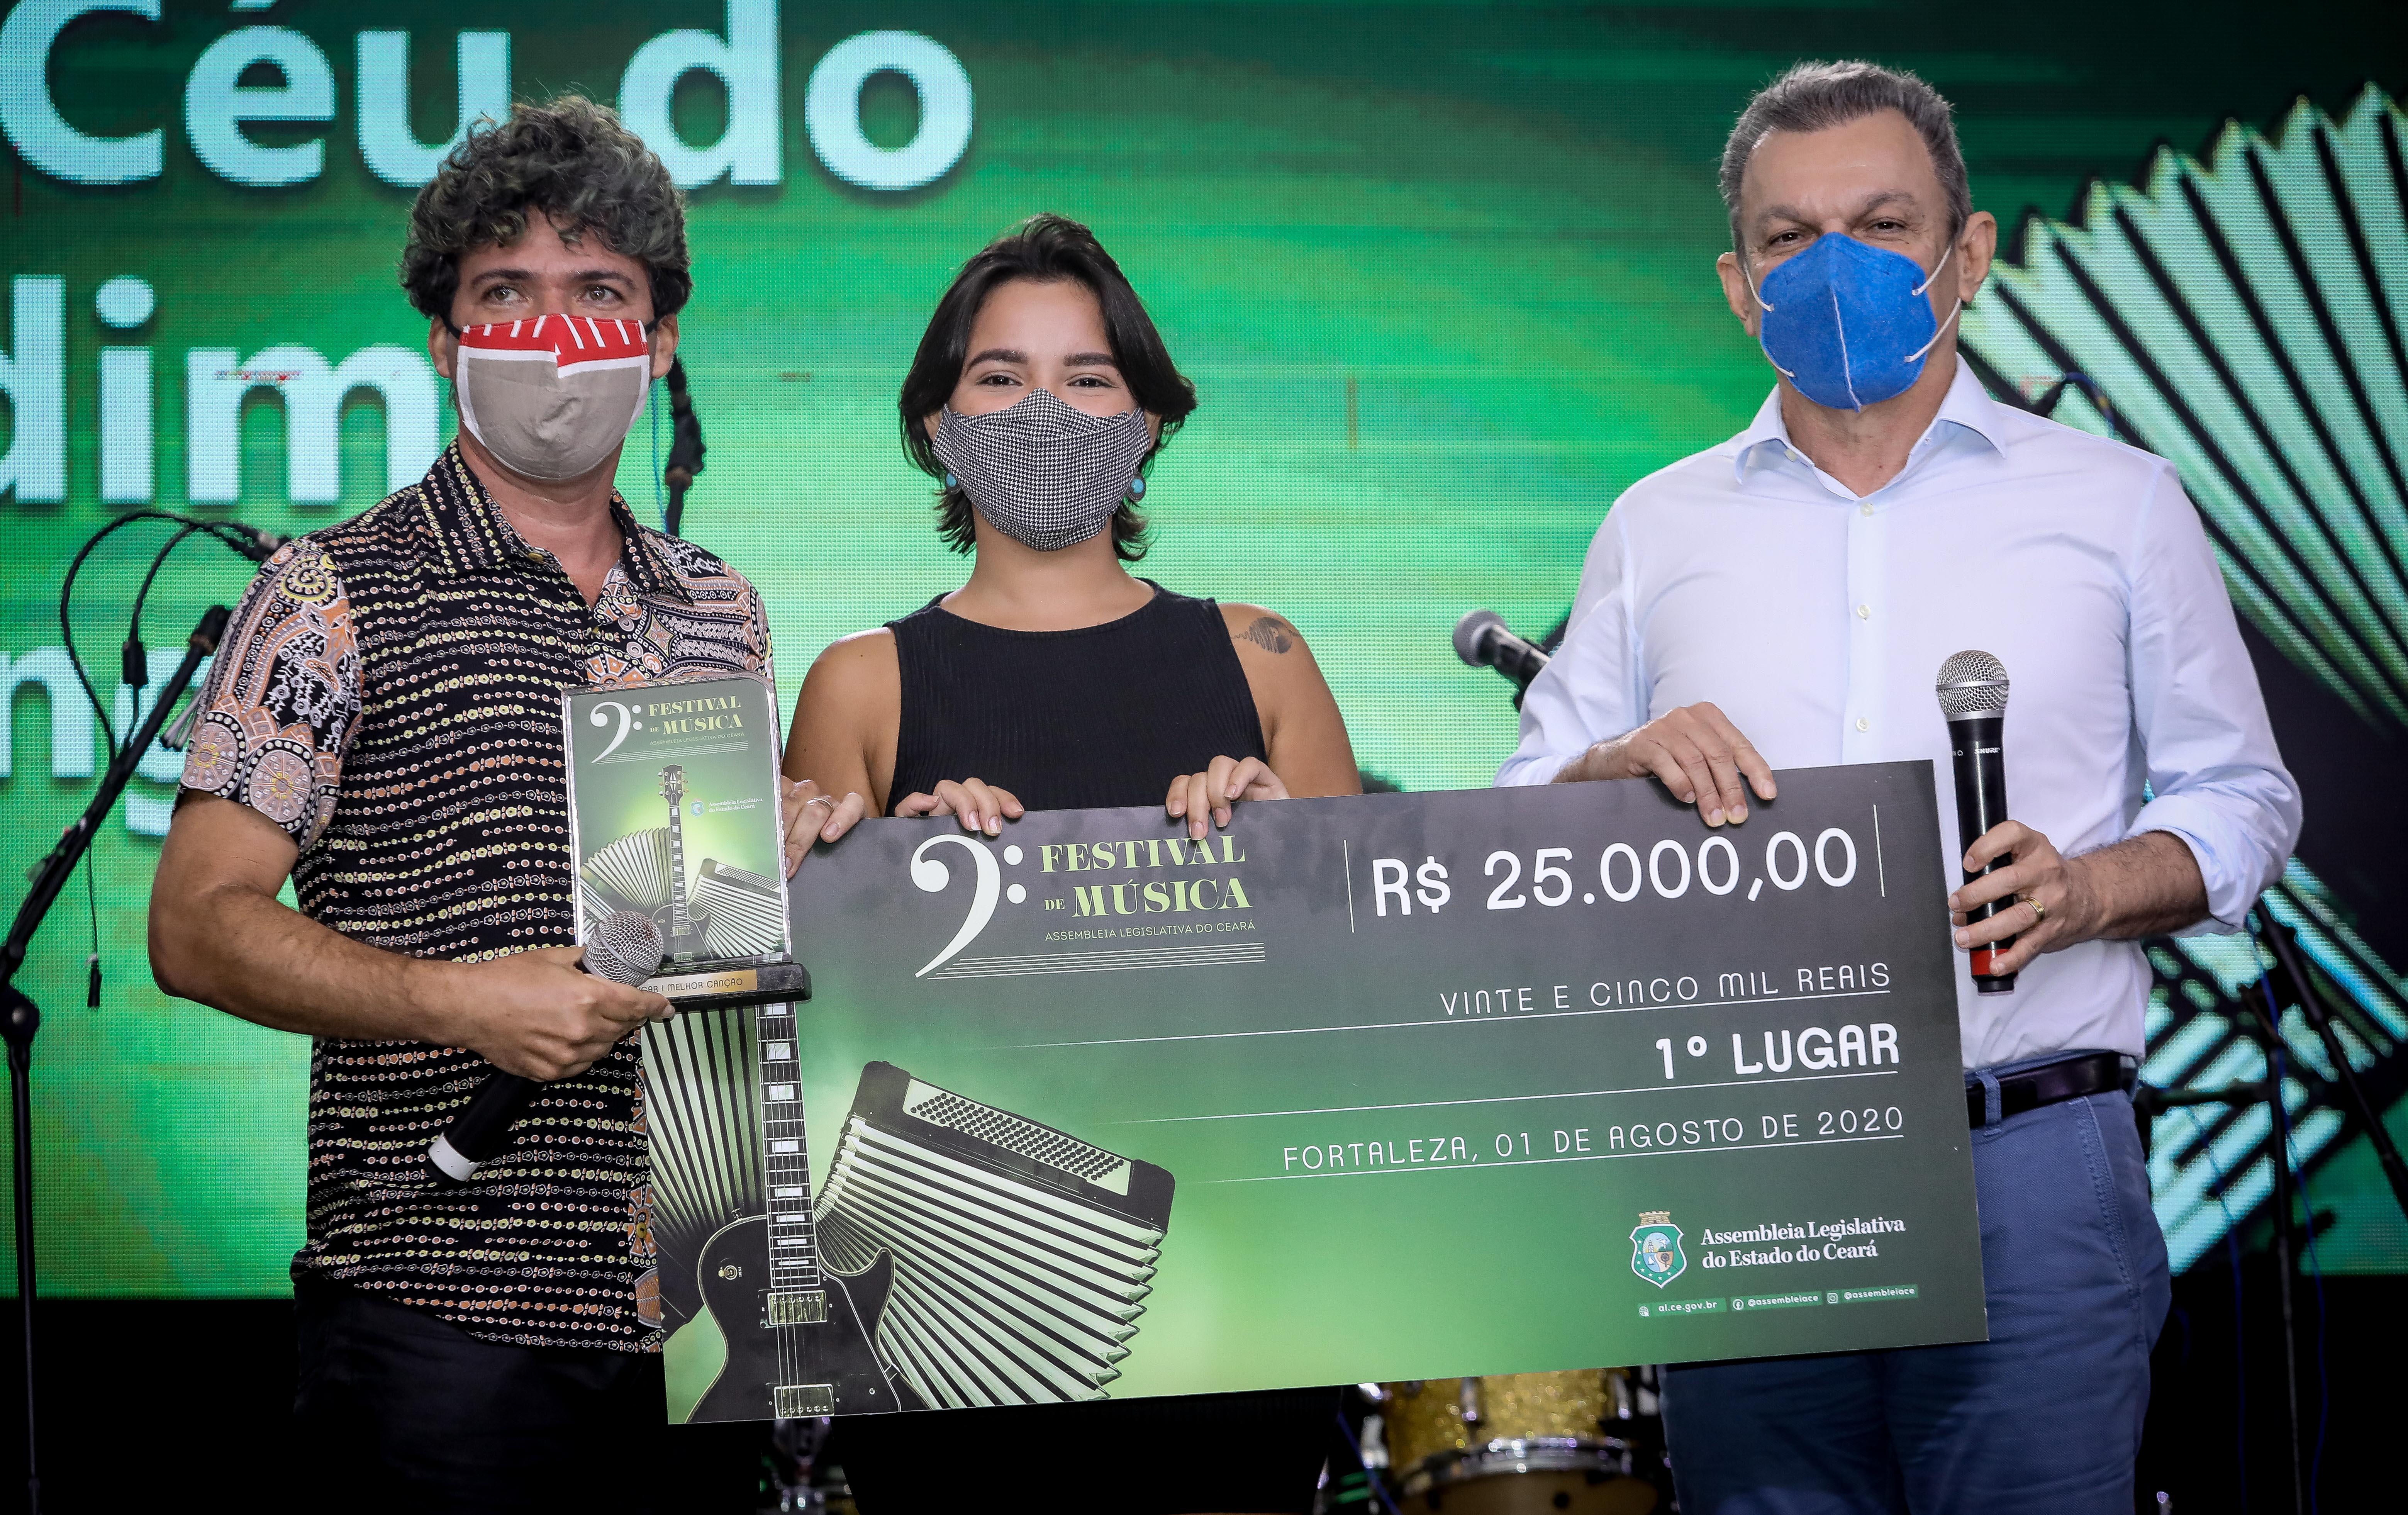 II Festival de Música da Casa incentiva a cultura e a arte de nosso Estado